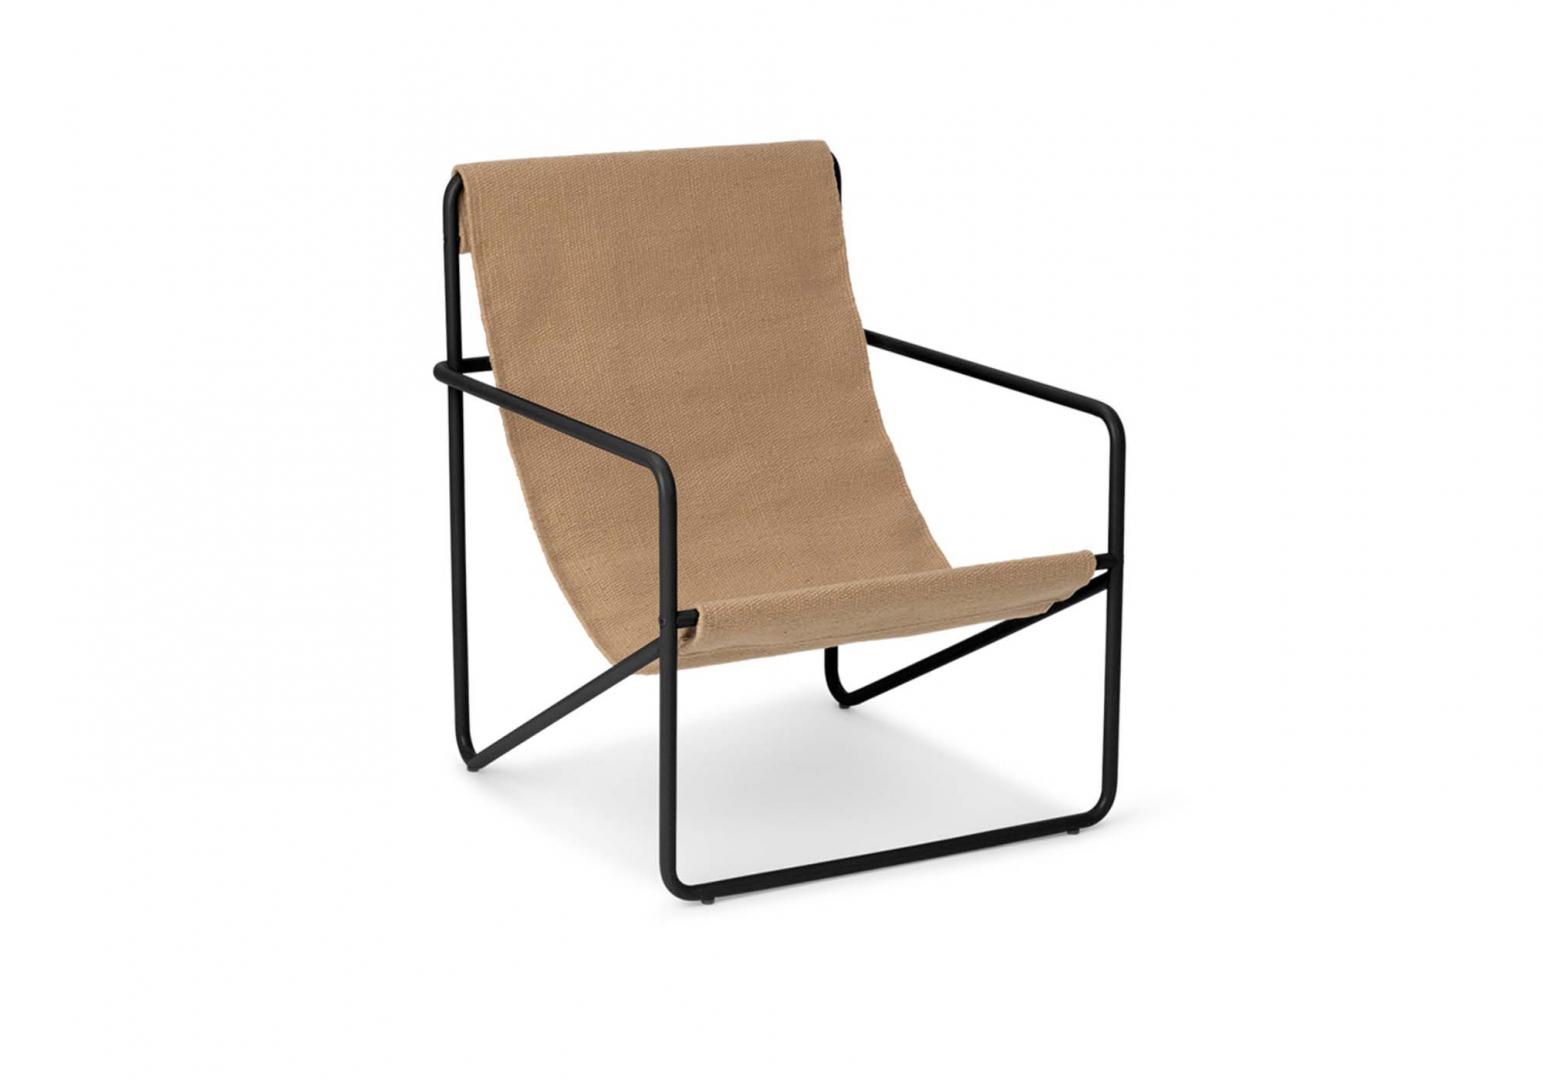 chaise enfant desert design - FERM LIVING